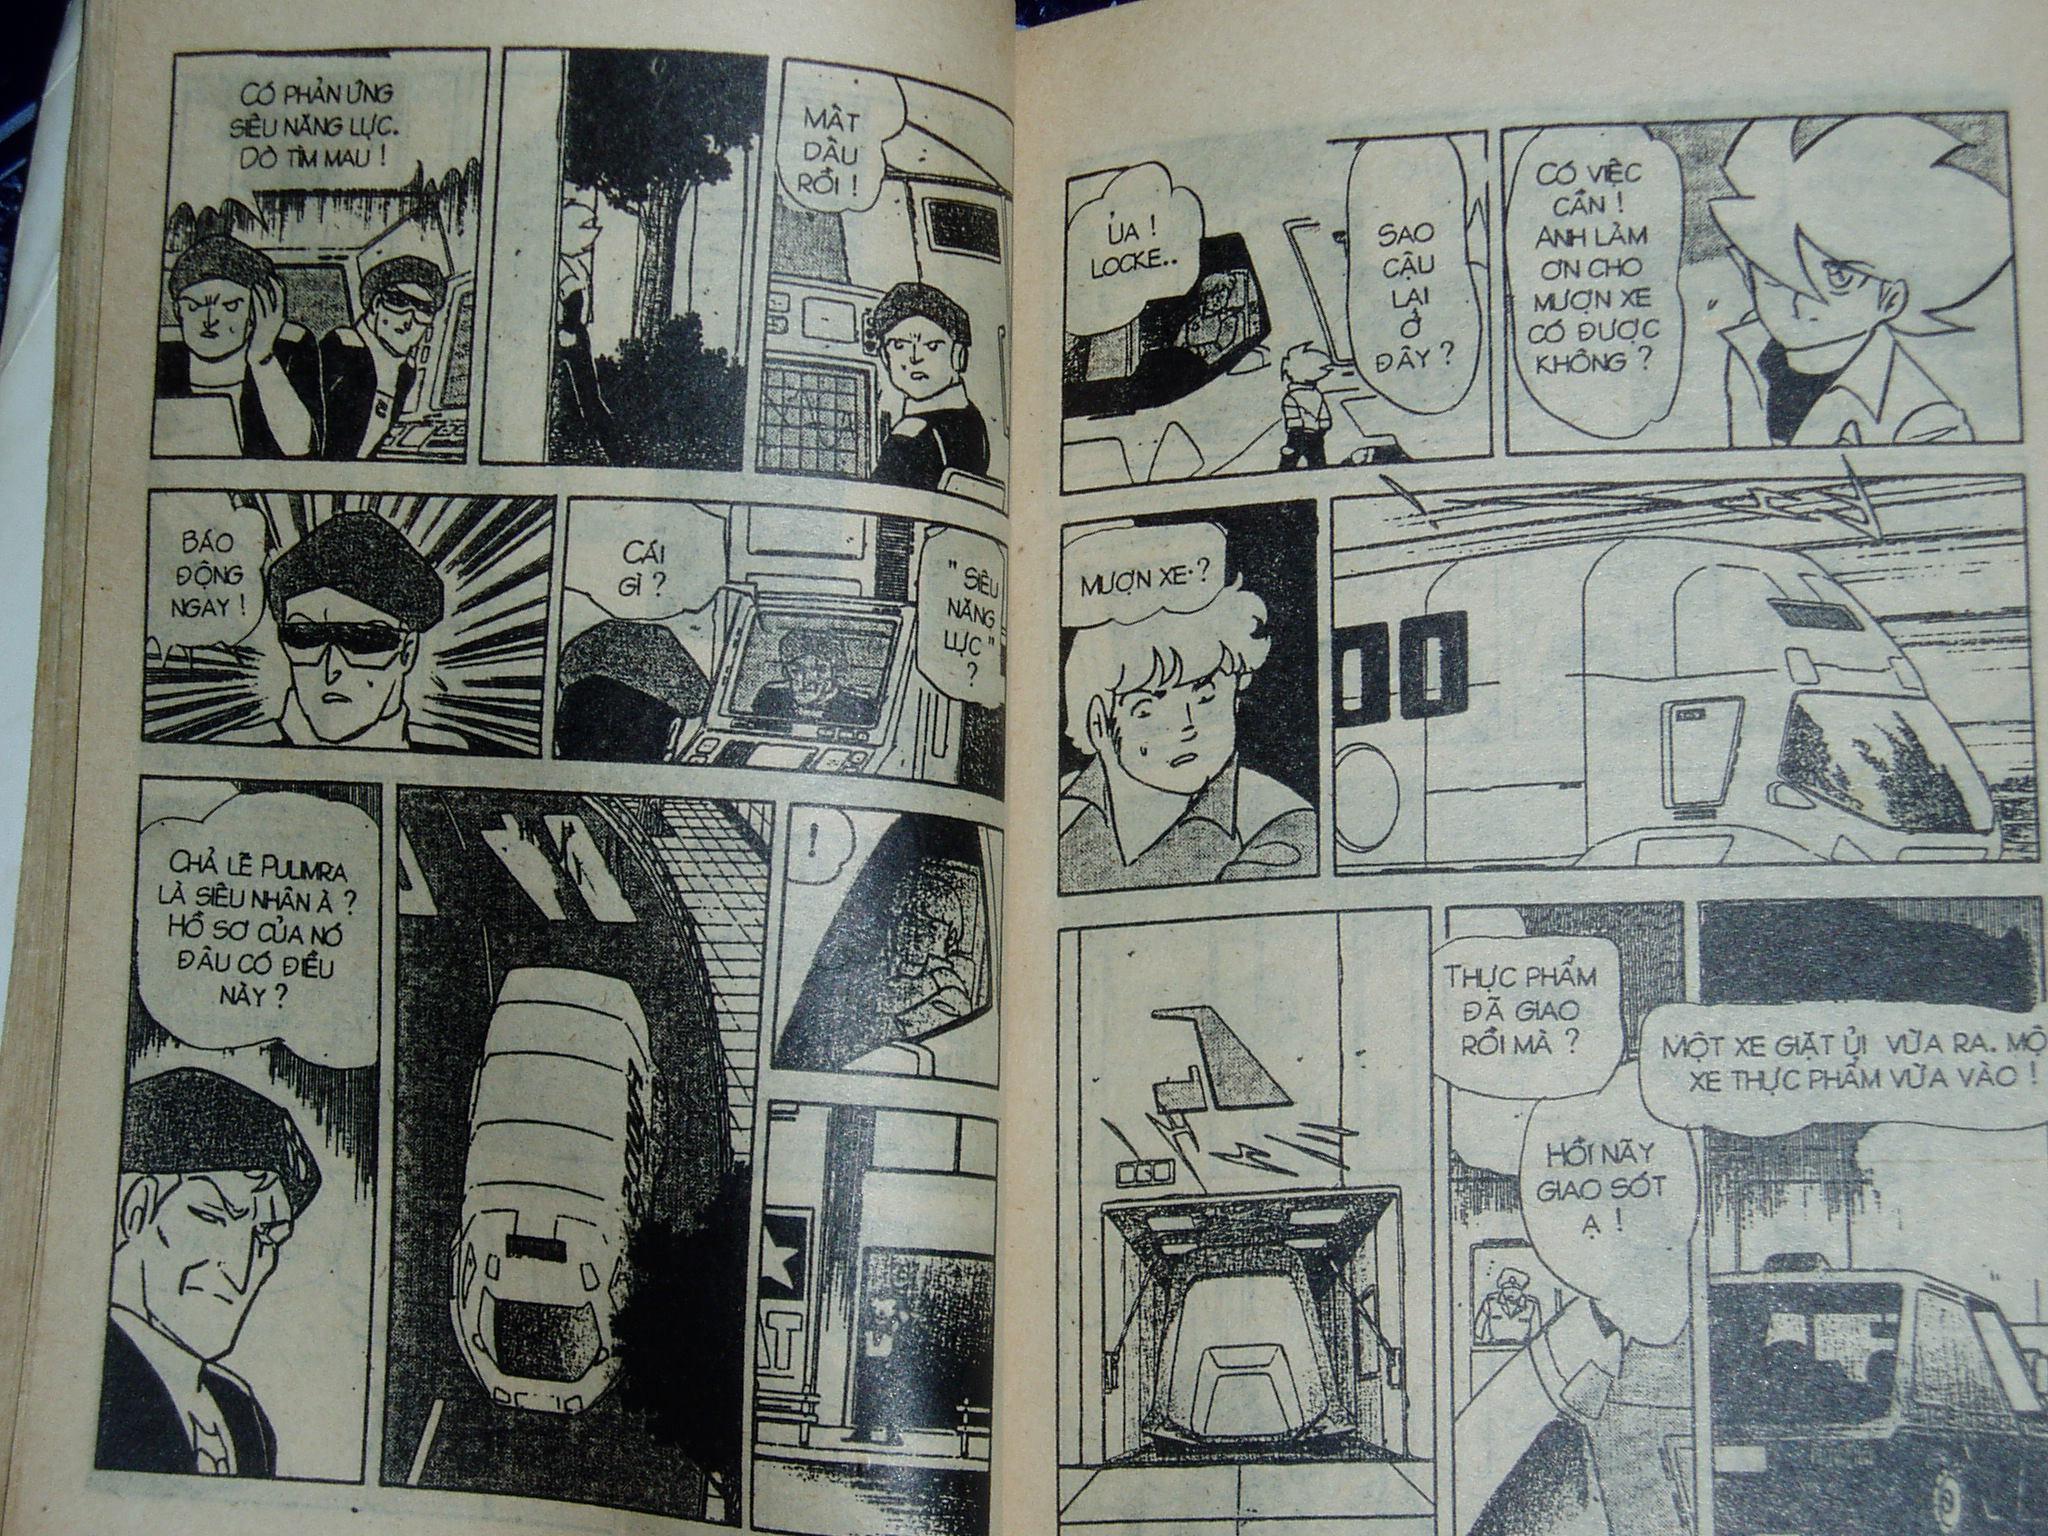 Siêu nhân Locke vol 16 trang 33